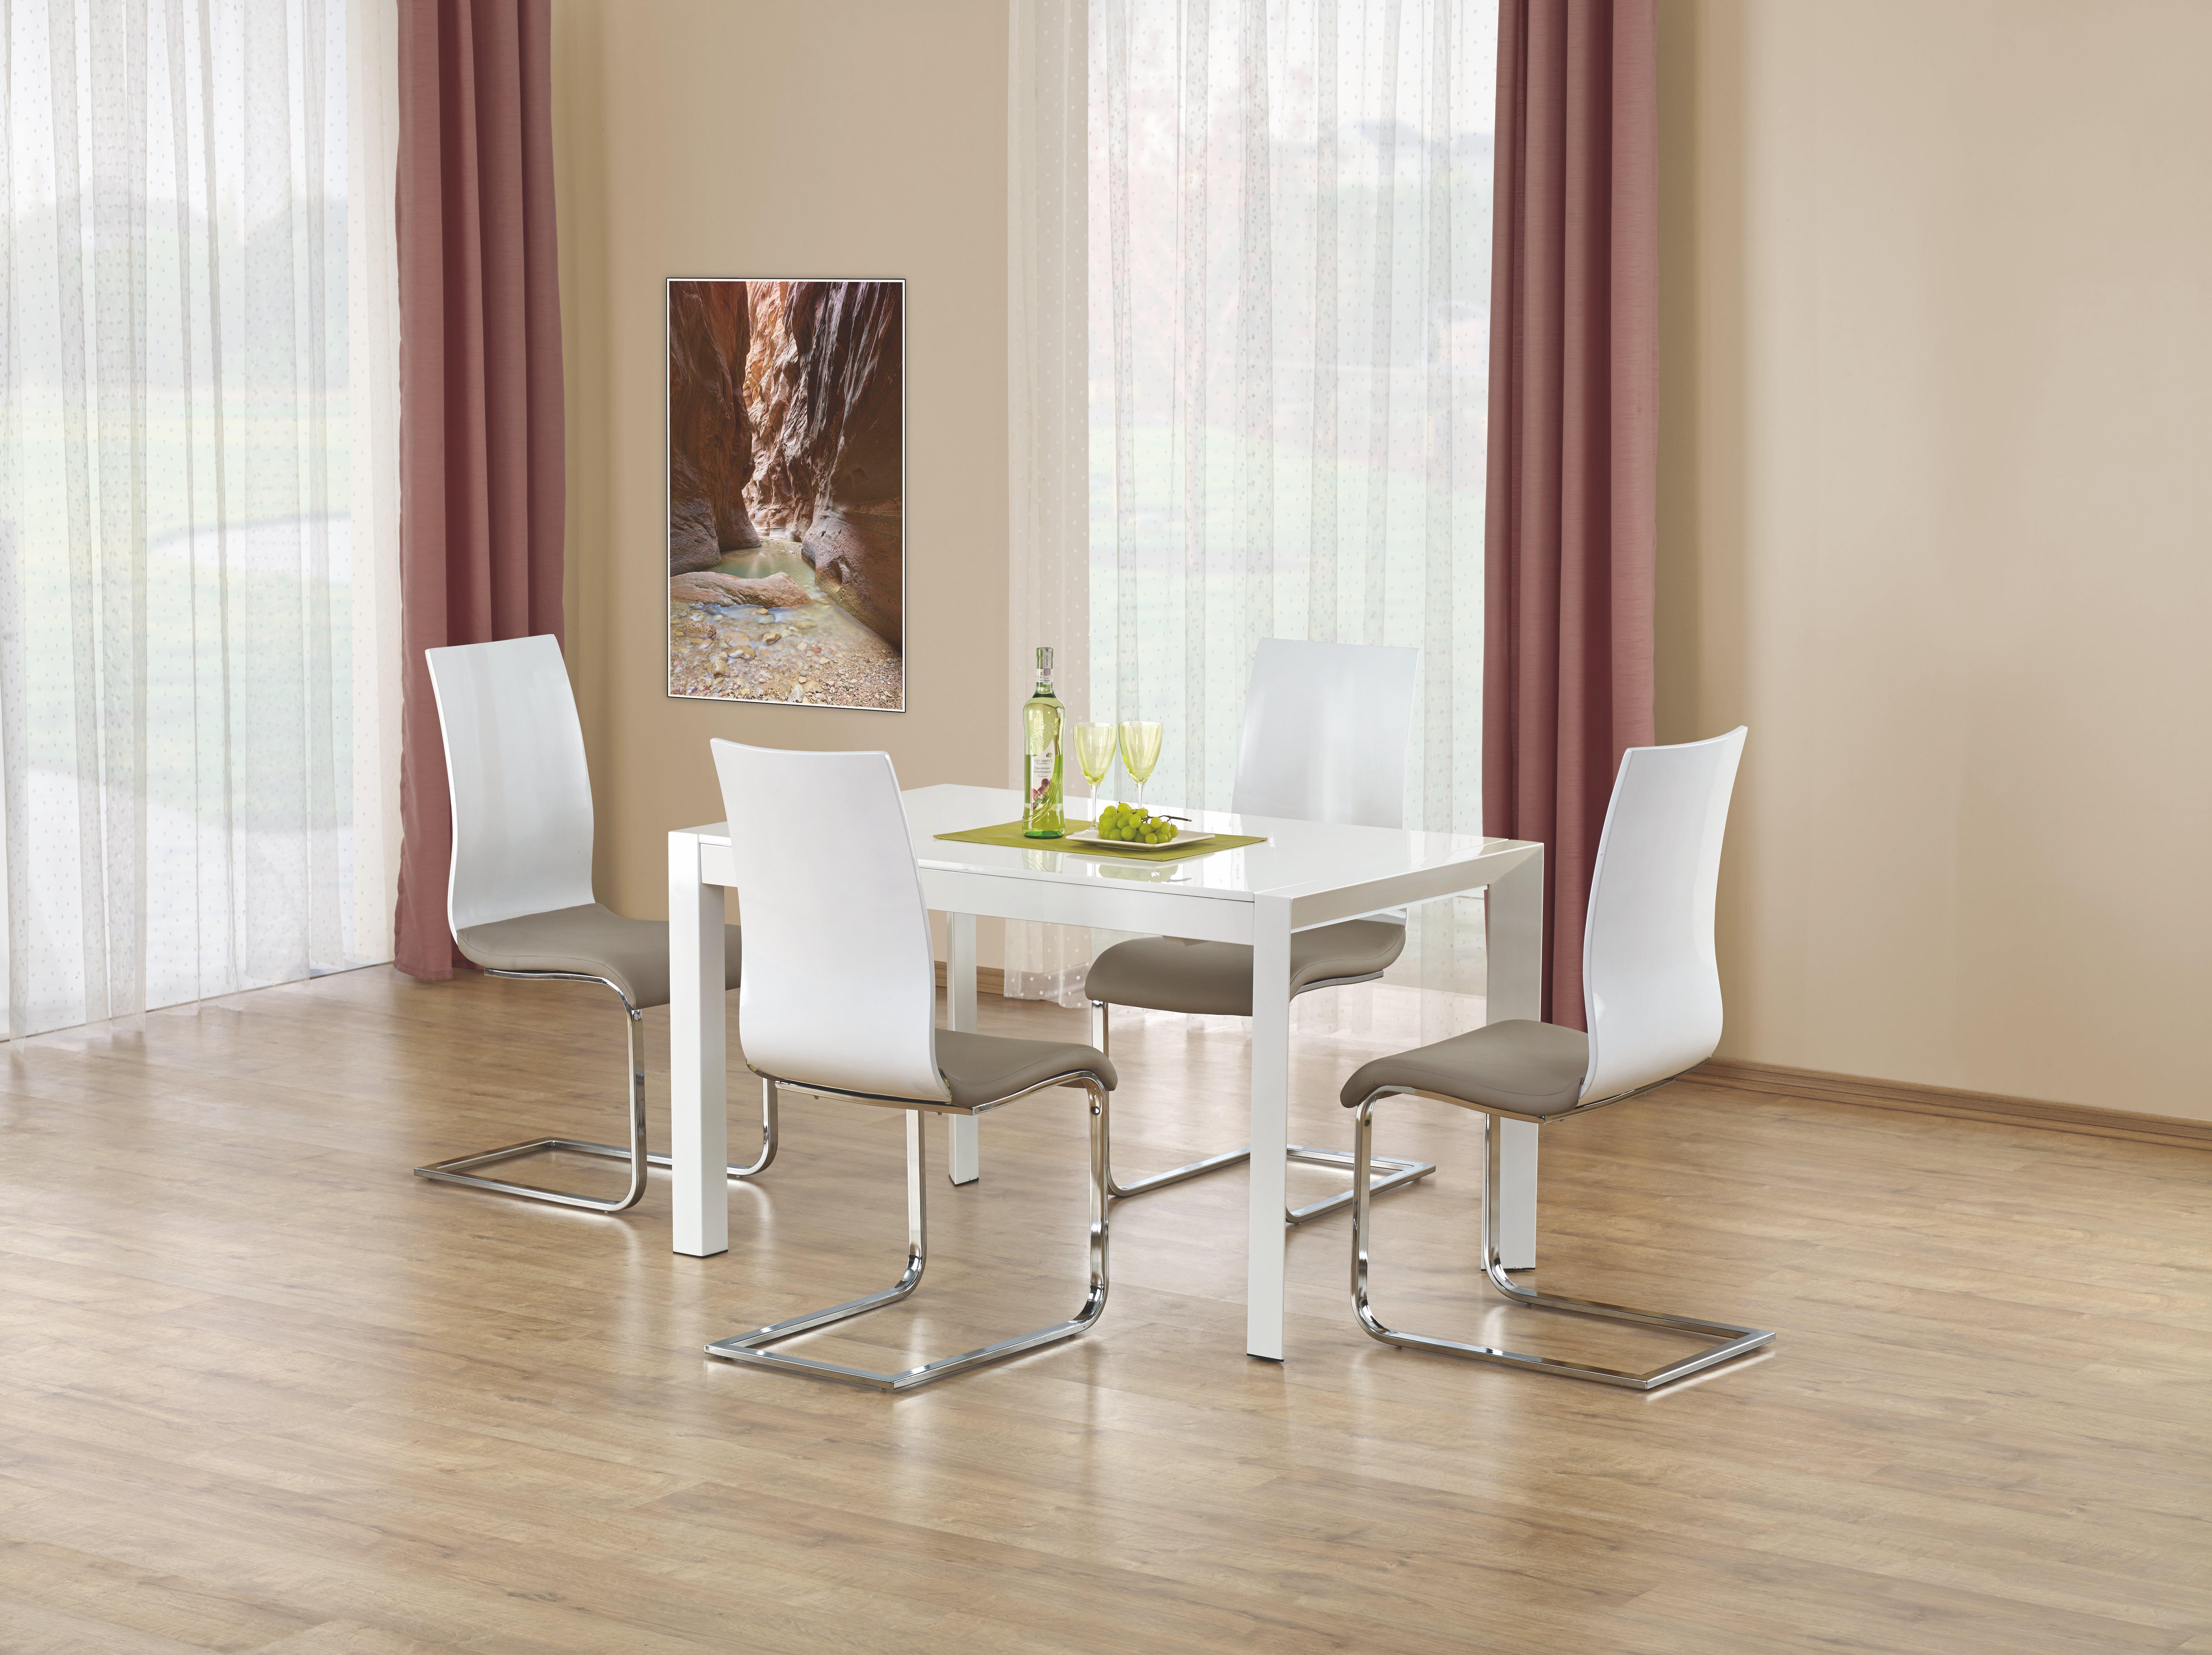 Jídelní stůl - Halmar - Stanford (pro 4 až 8 osob)